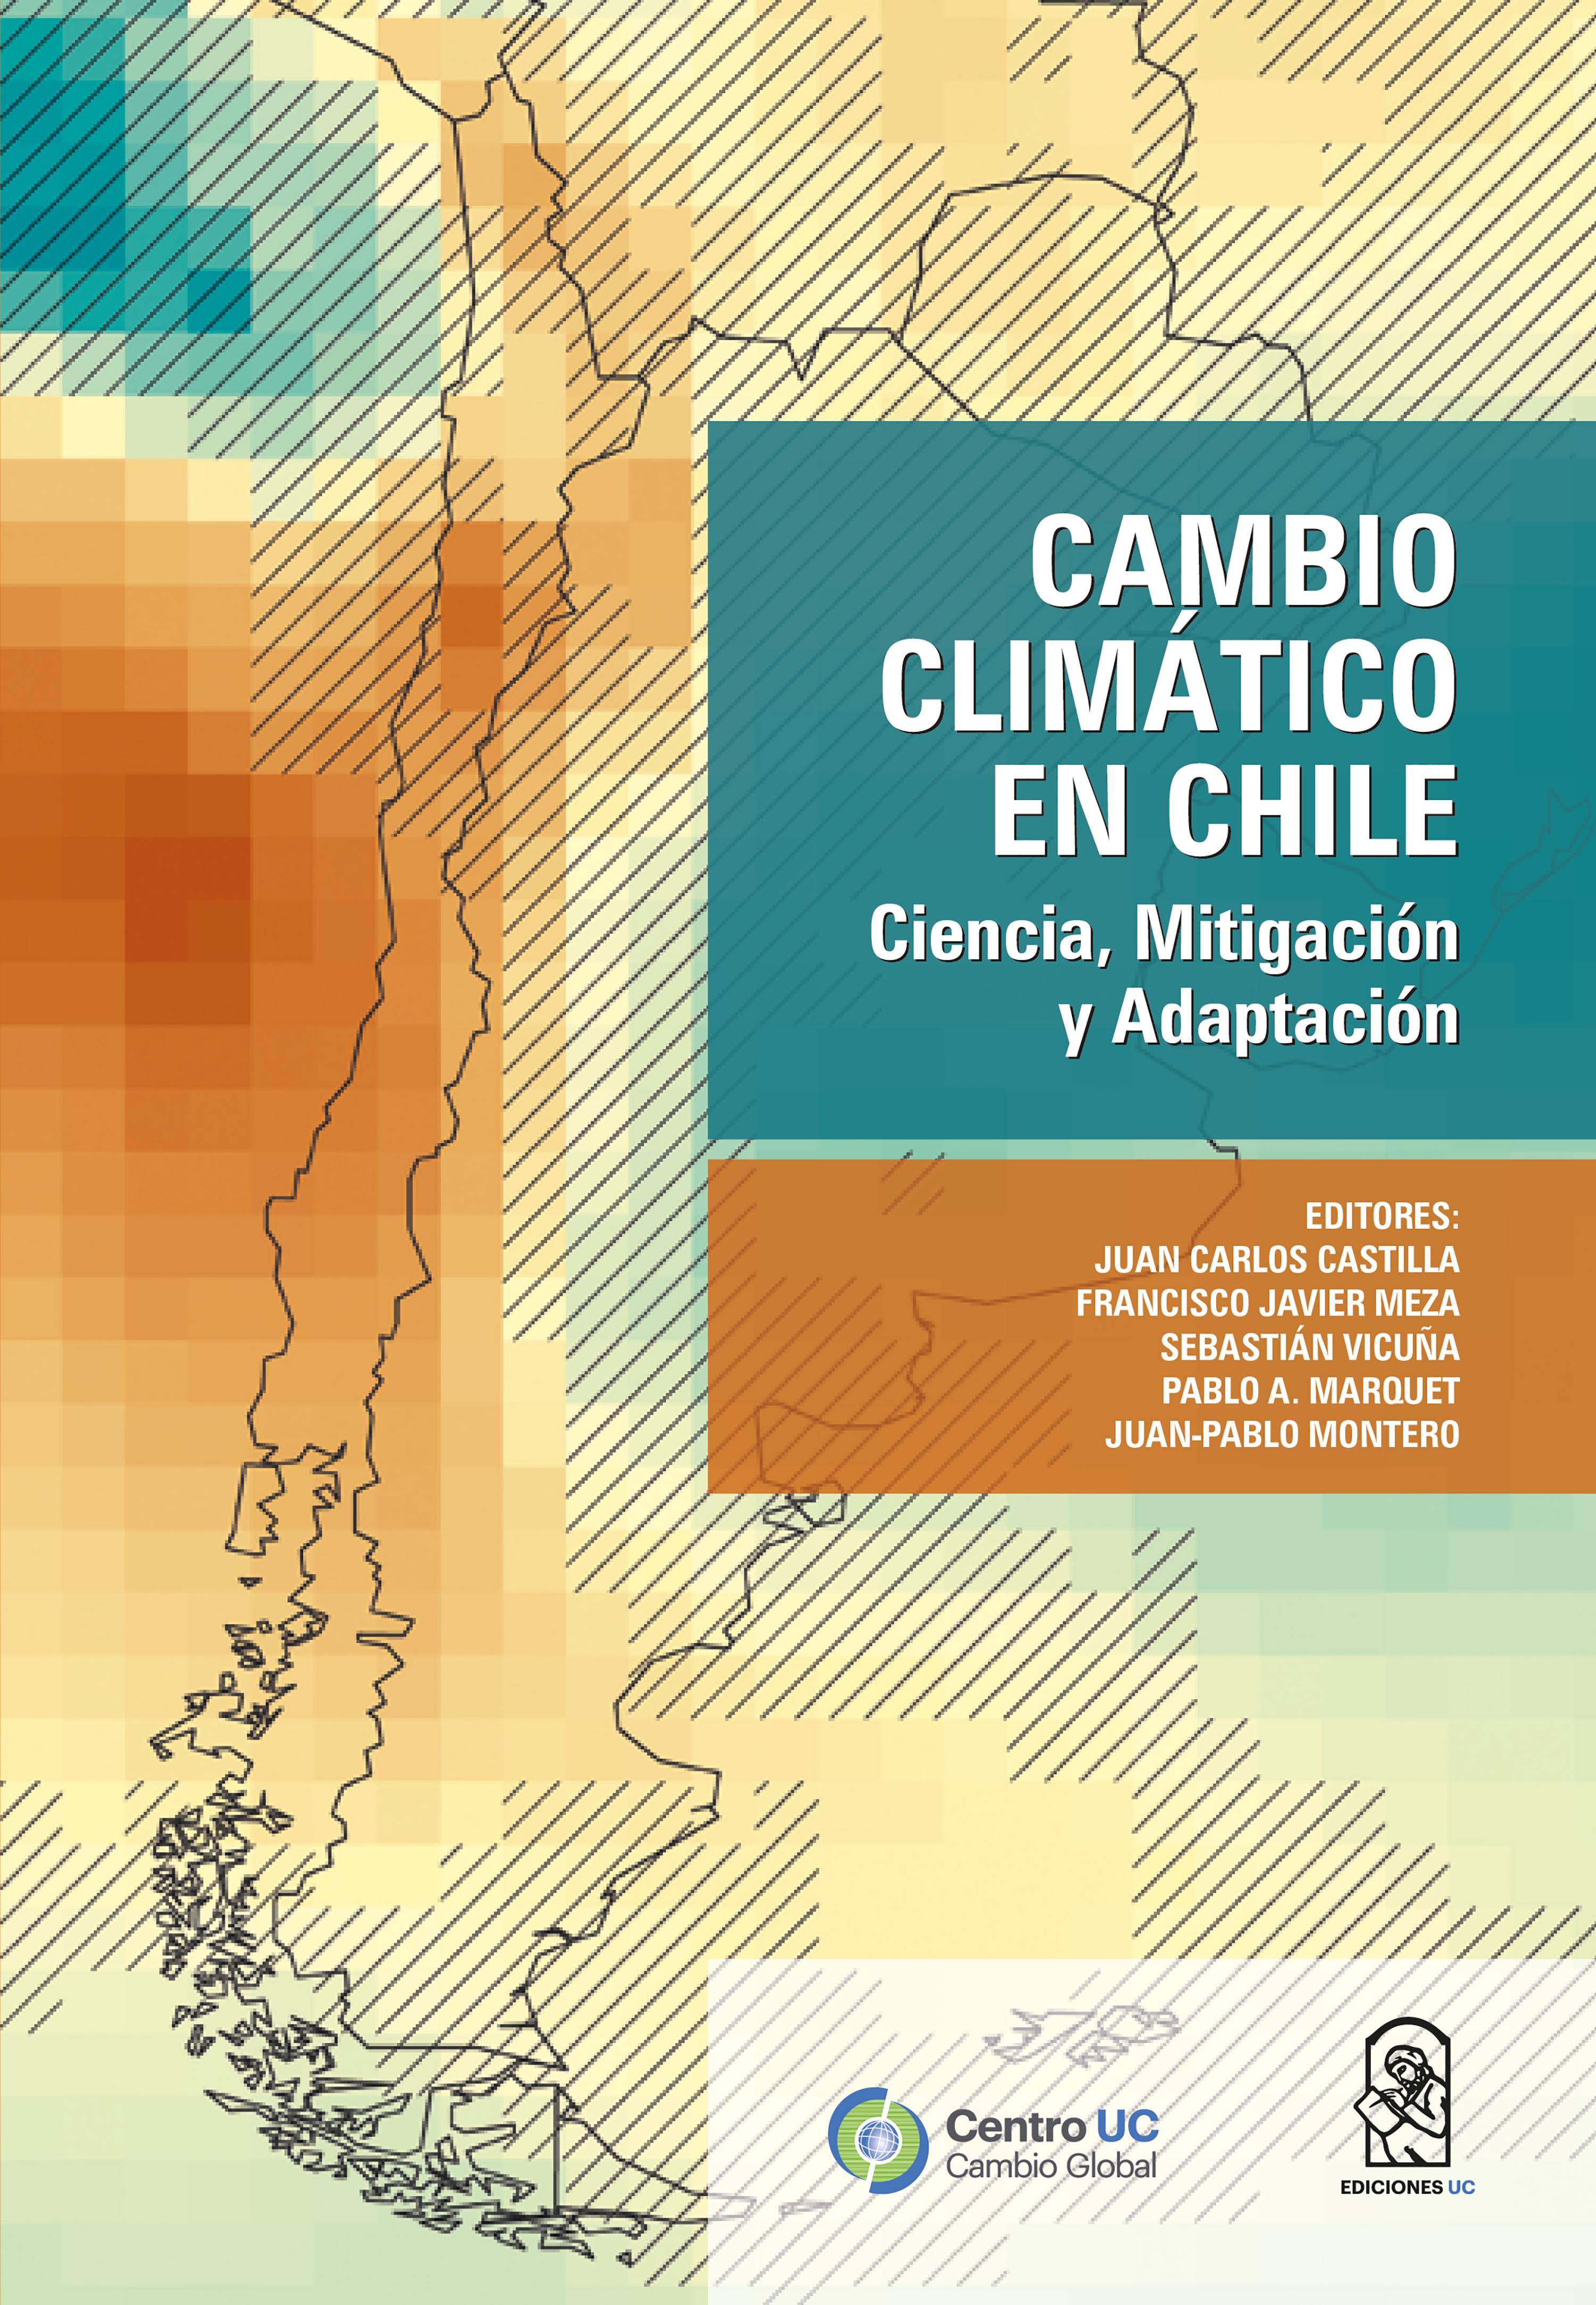 Juan Carlos Castilla Cambio Climático en Chile residente chile